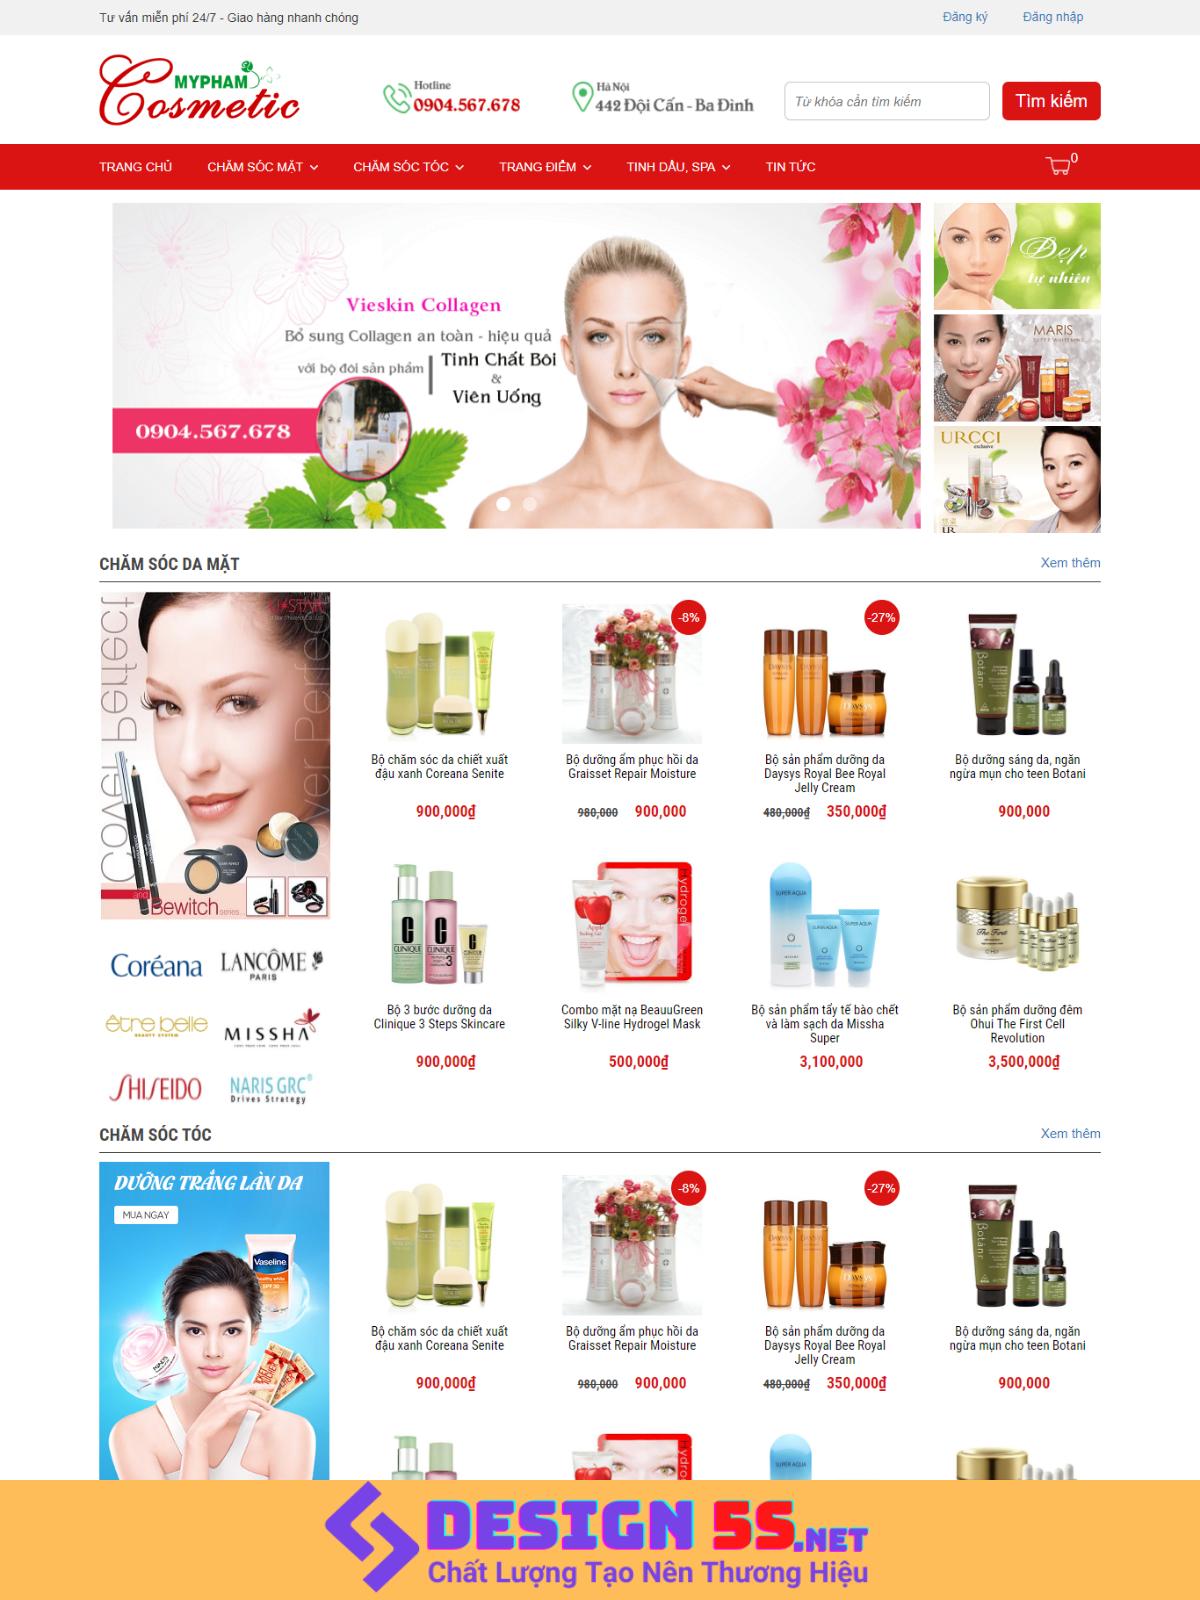 Template Blogspot Mỹ phẩm Cosmetic Miễn Phí